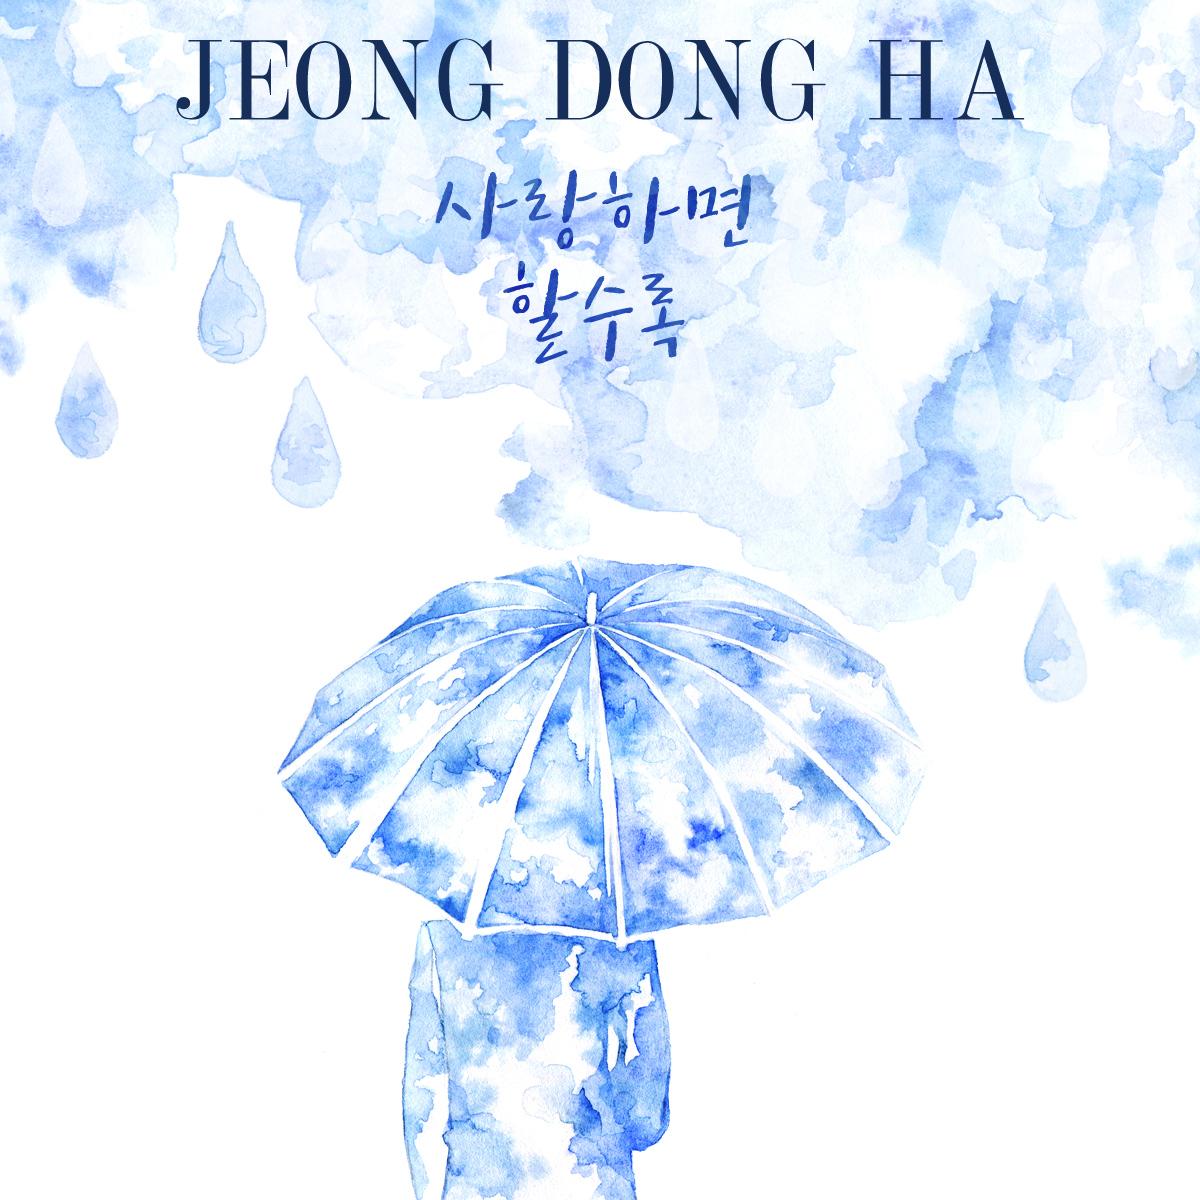 JeongDongHa3.jpg